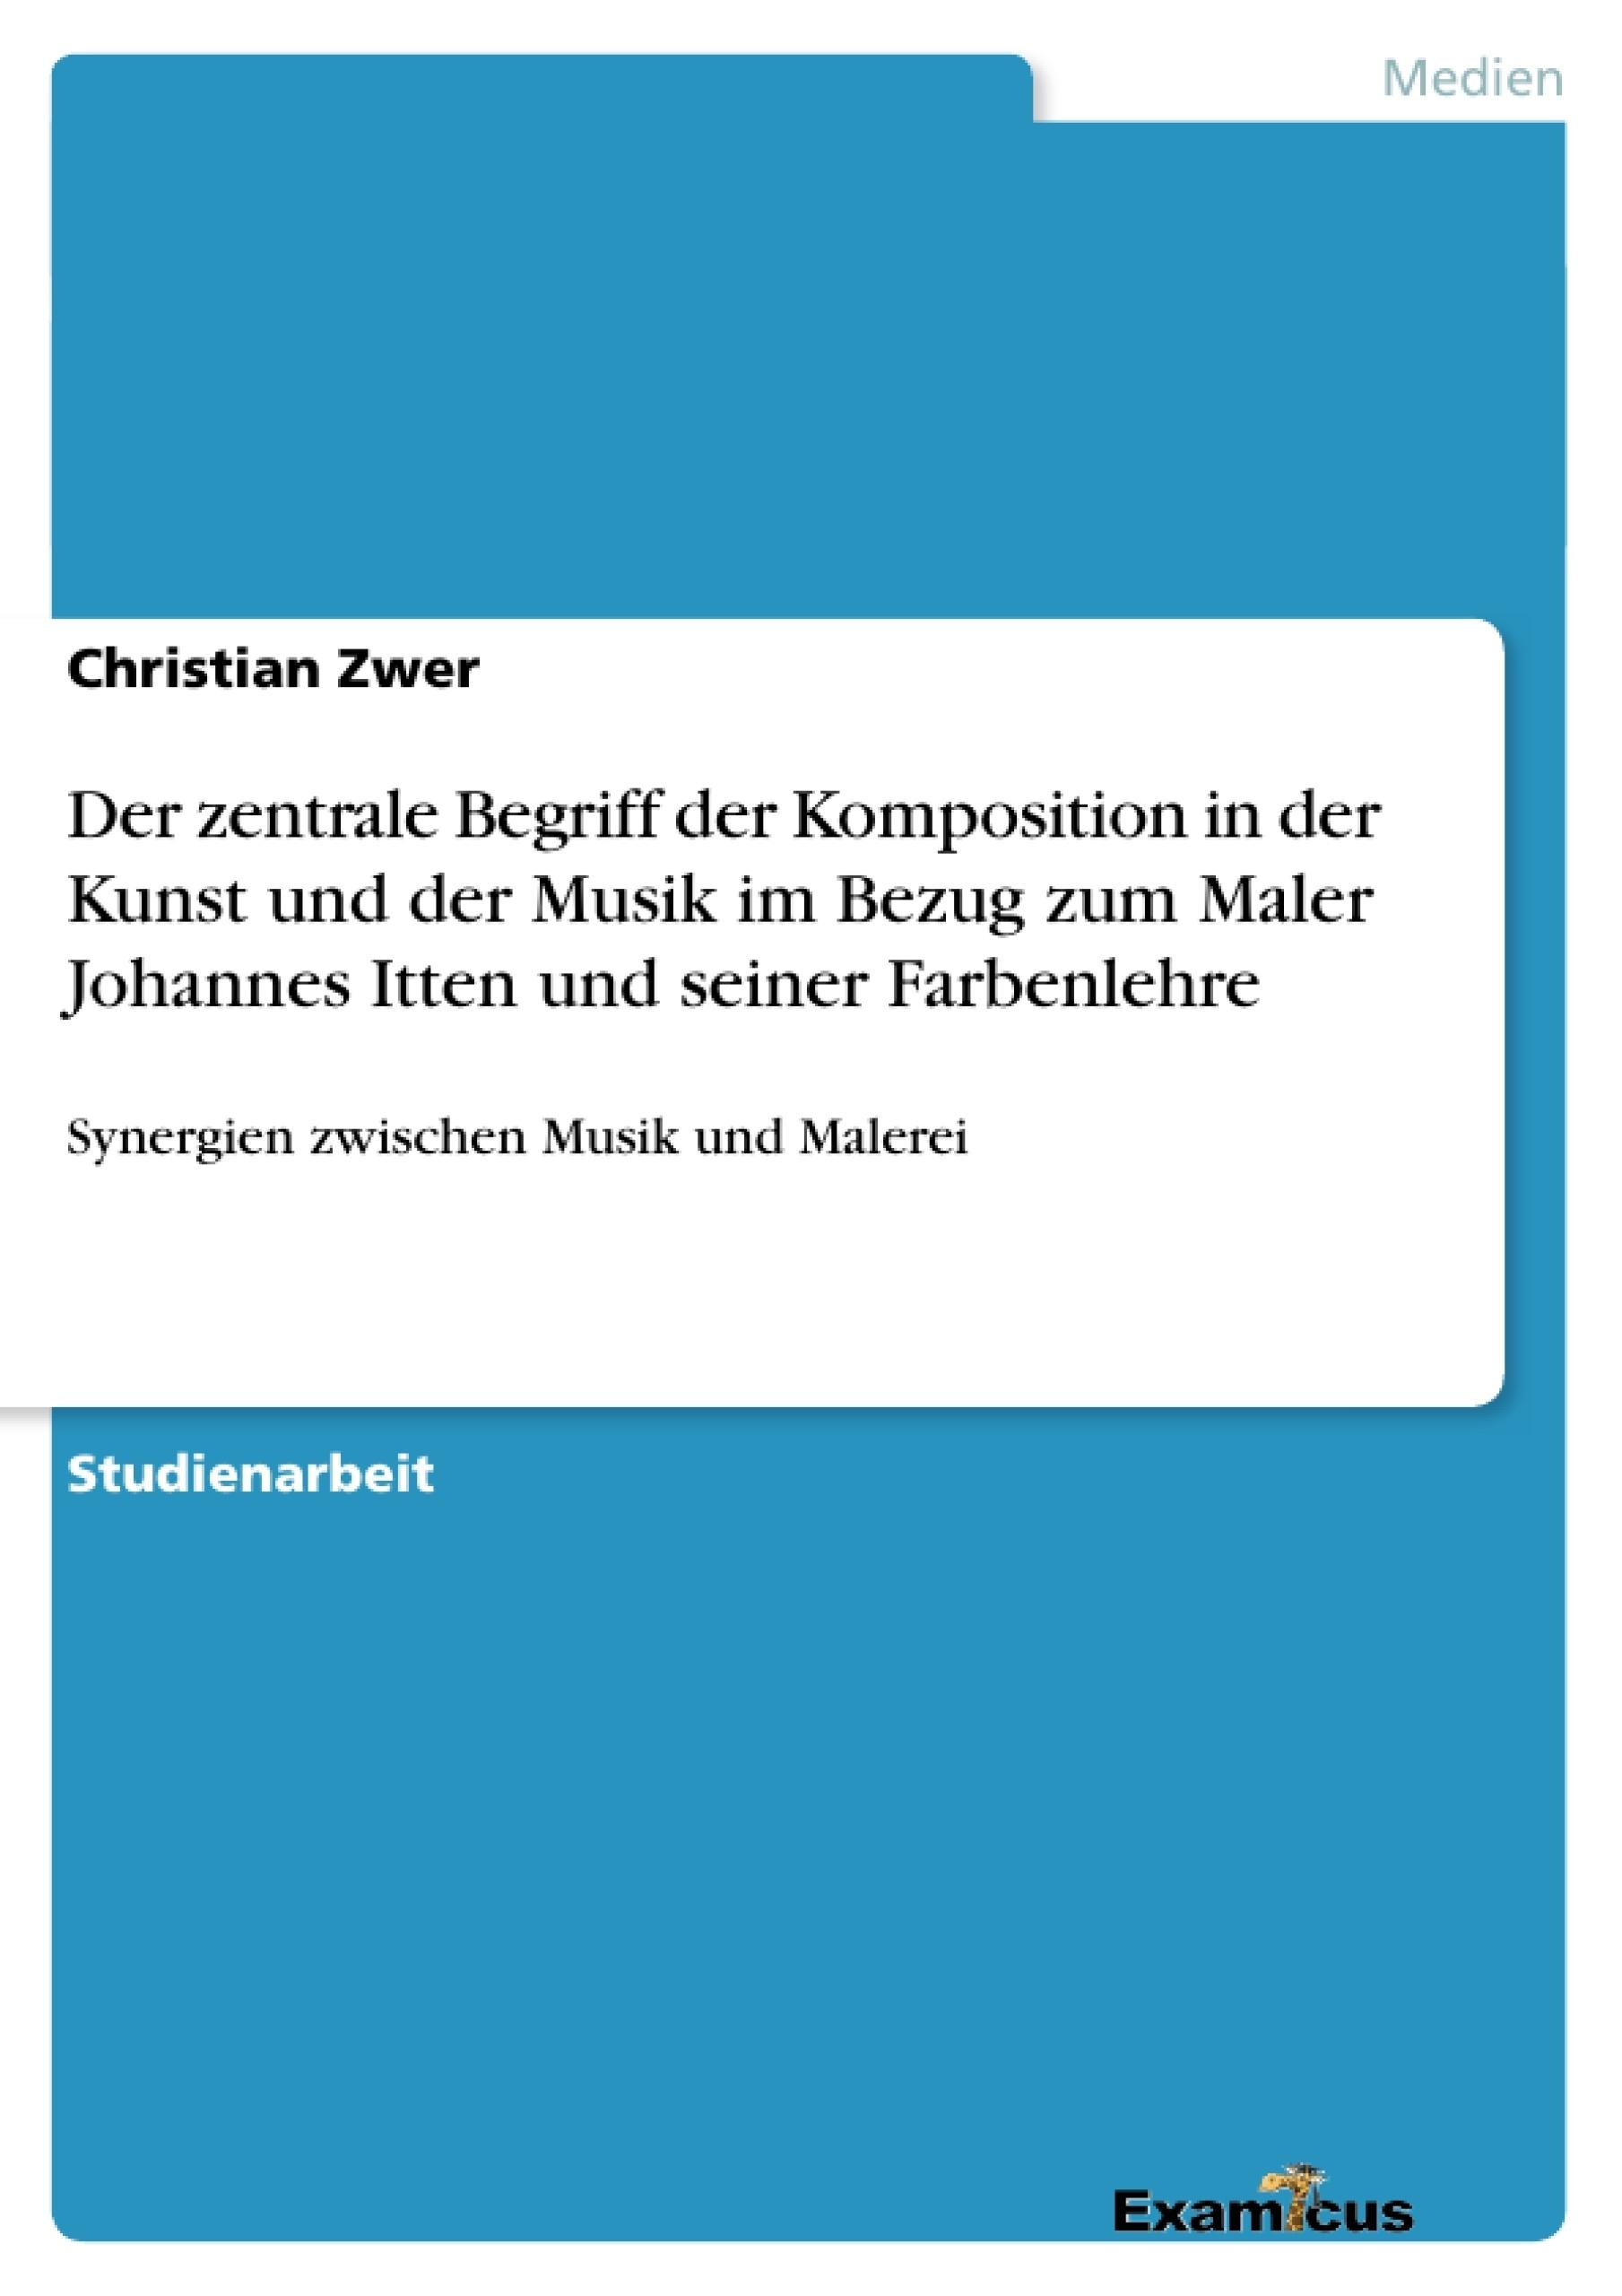 Titel: Der zentrale Begriff der Komposition in der Kunst und der Musik im Bezug zum Maler Johannes Itten und seiner Farbenlehre